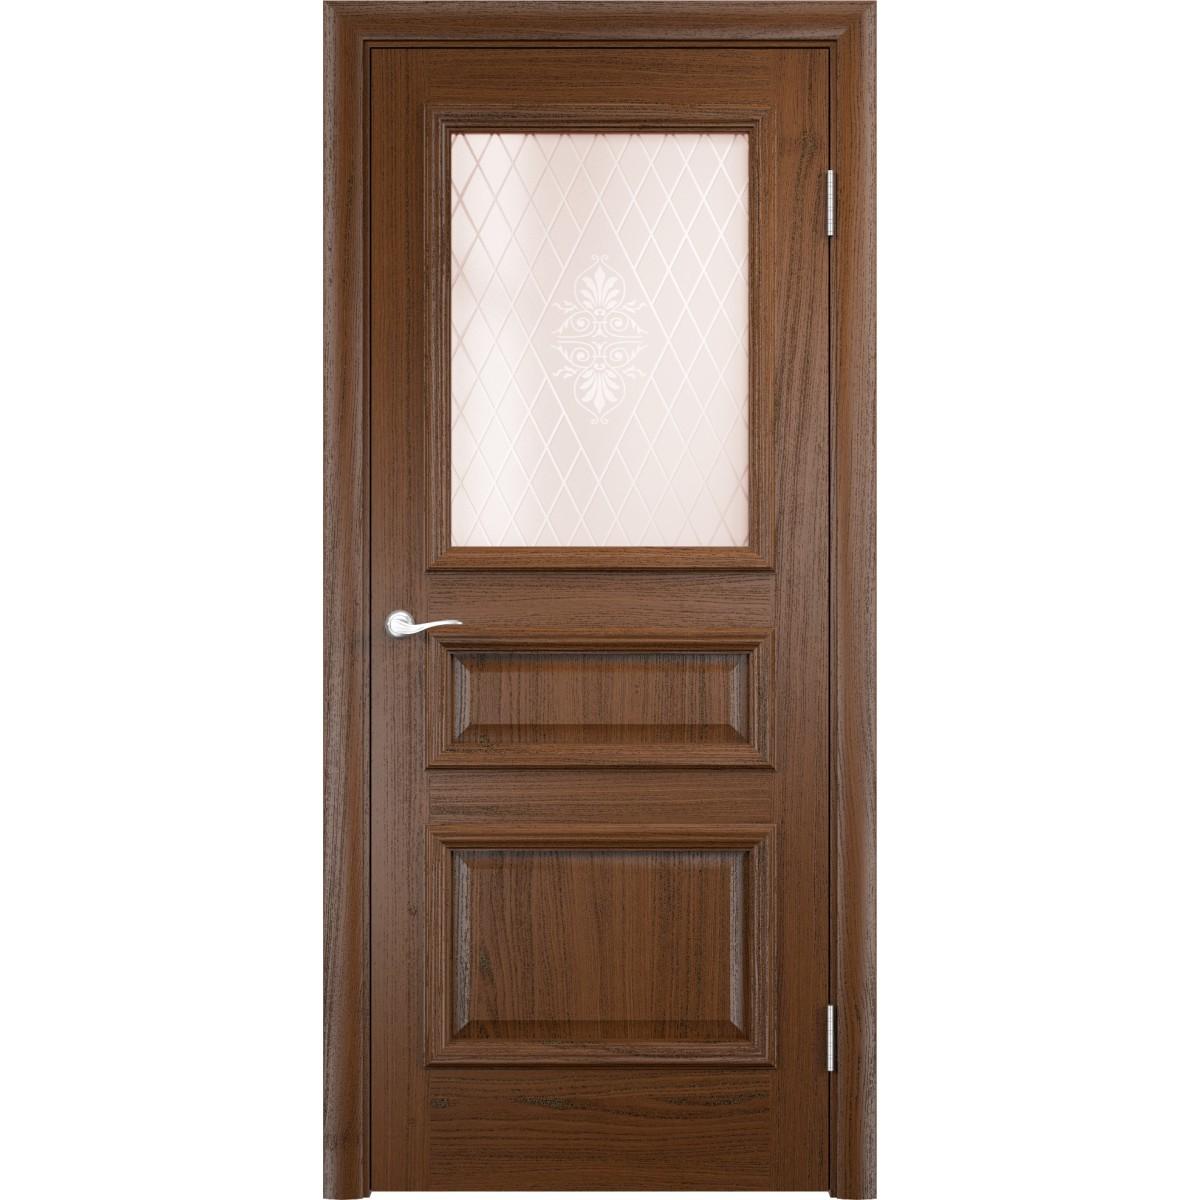 Дверь Межкомнатная Остеклённая Шпон 80x200 Дум Темный С Фурнитурой